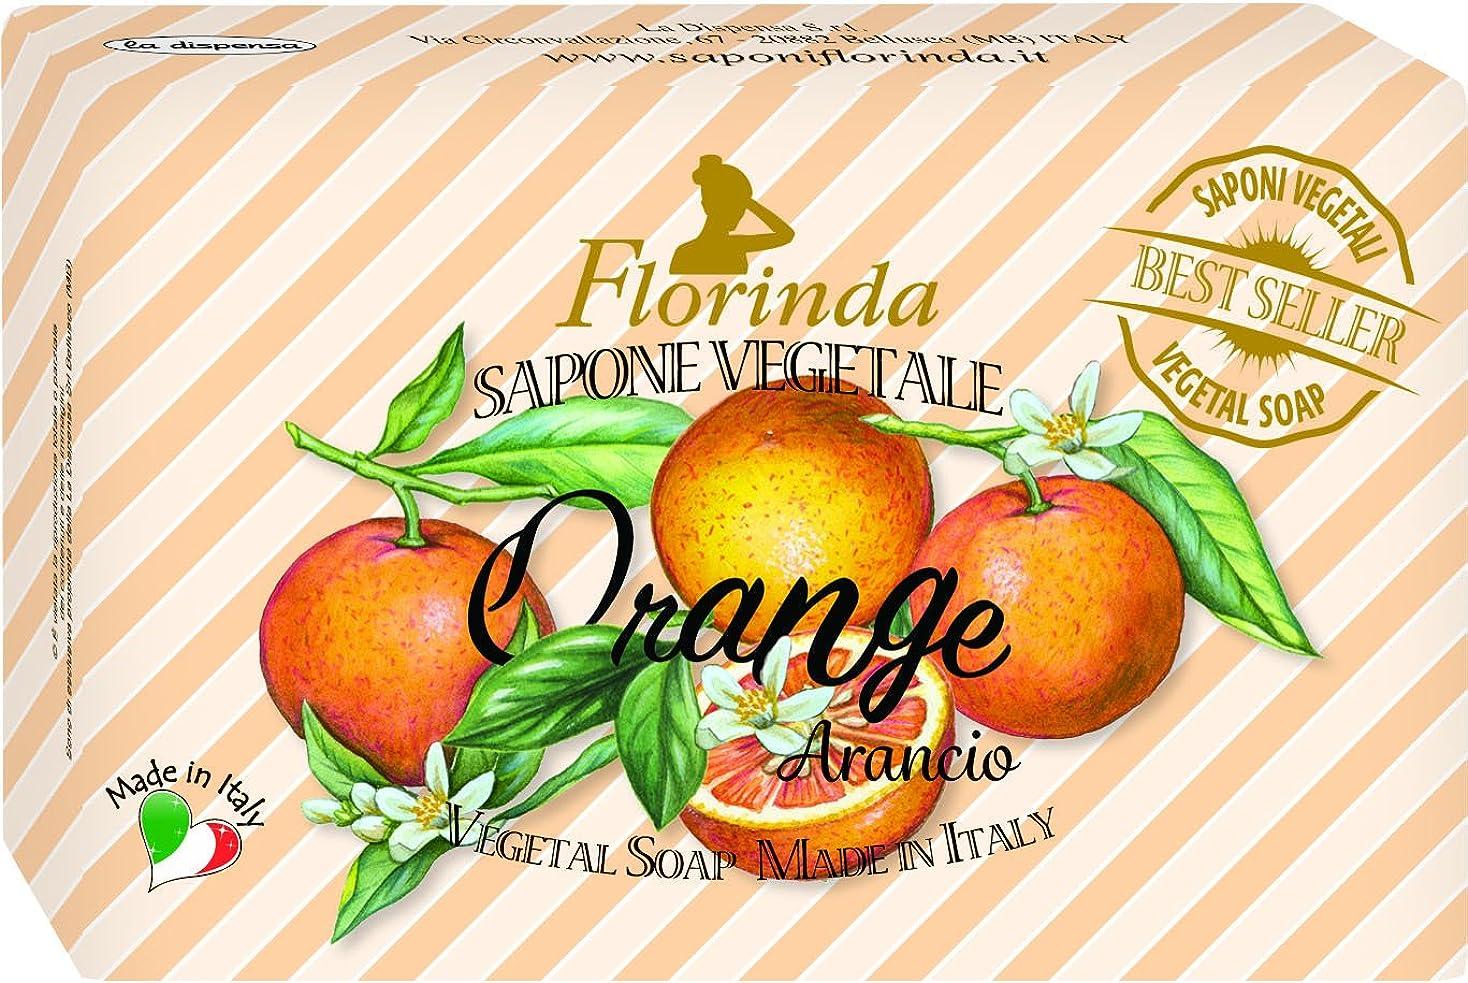 なしでハードウェア削るフレグランスソープ ベストセラーシリーズ オレンジ